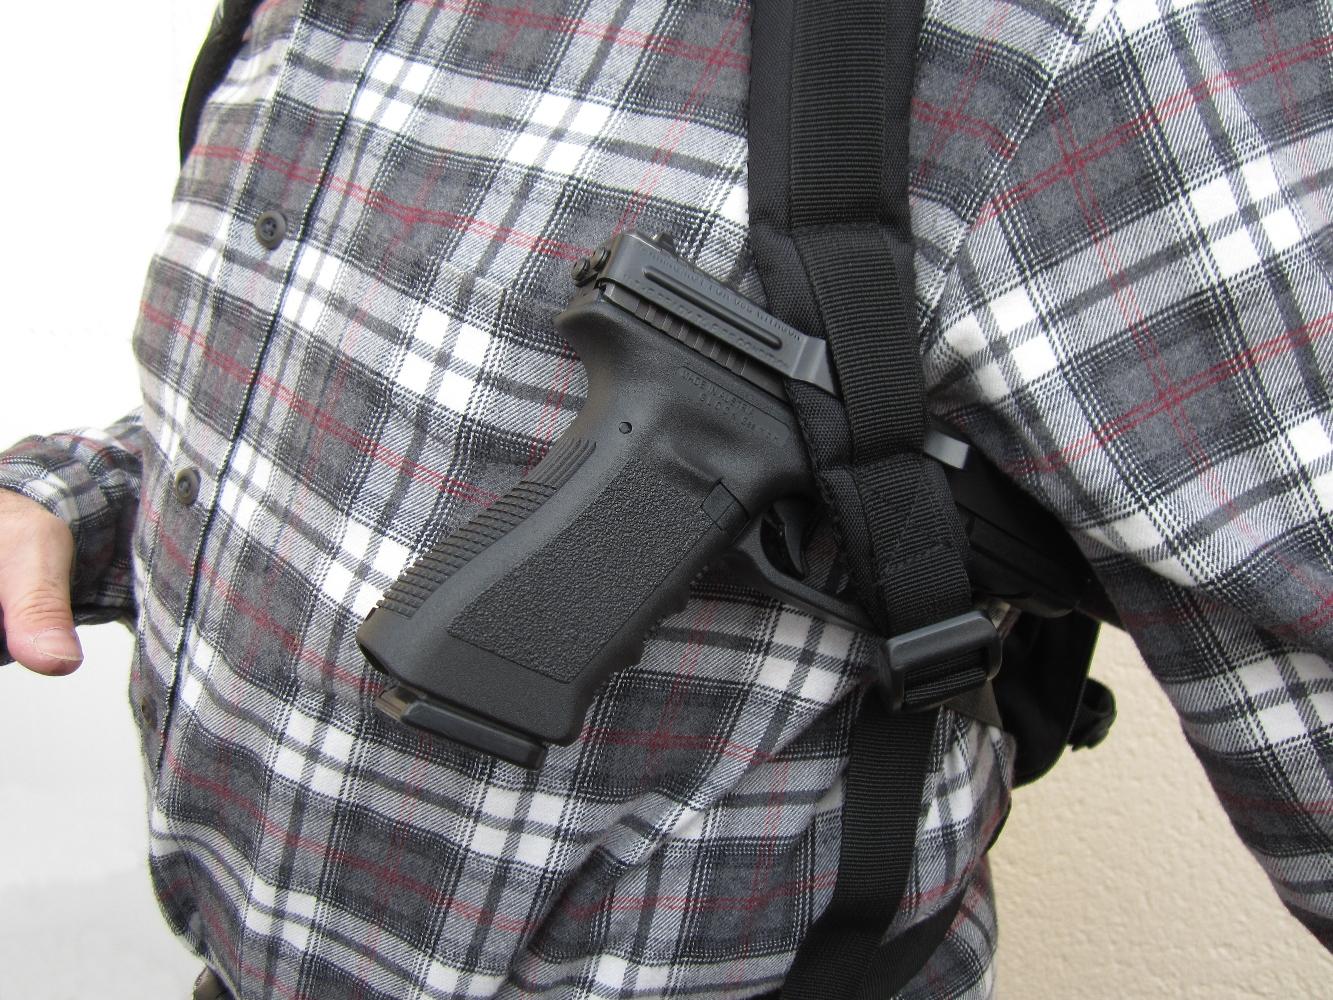 Le Clipdraw permet d'accrocher l'arme sur toute sorte de support comme, par exemple, la bretelle d'un sac à dos tactique ou le système d'attaches « MOLLE » d'un gilets pare-balles.